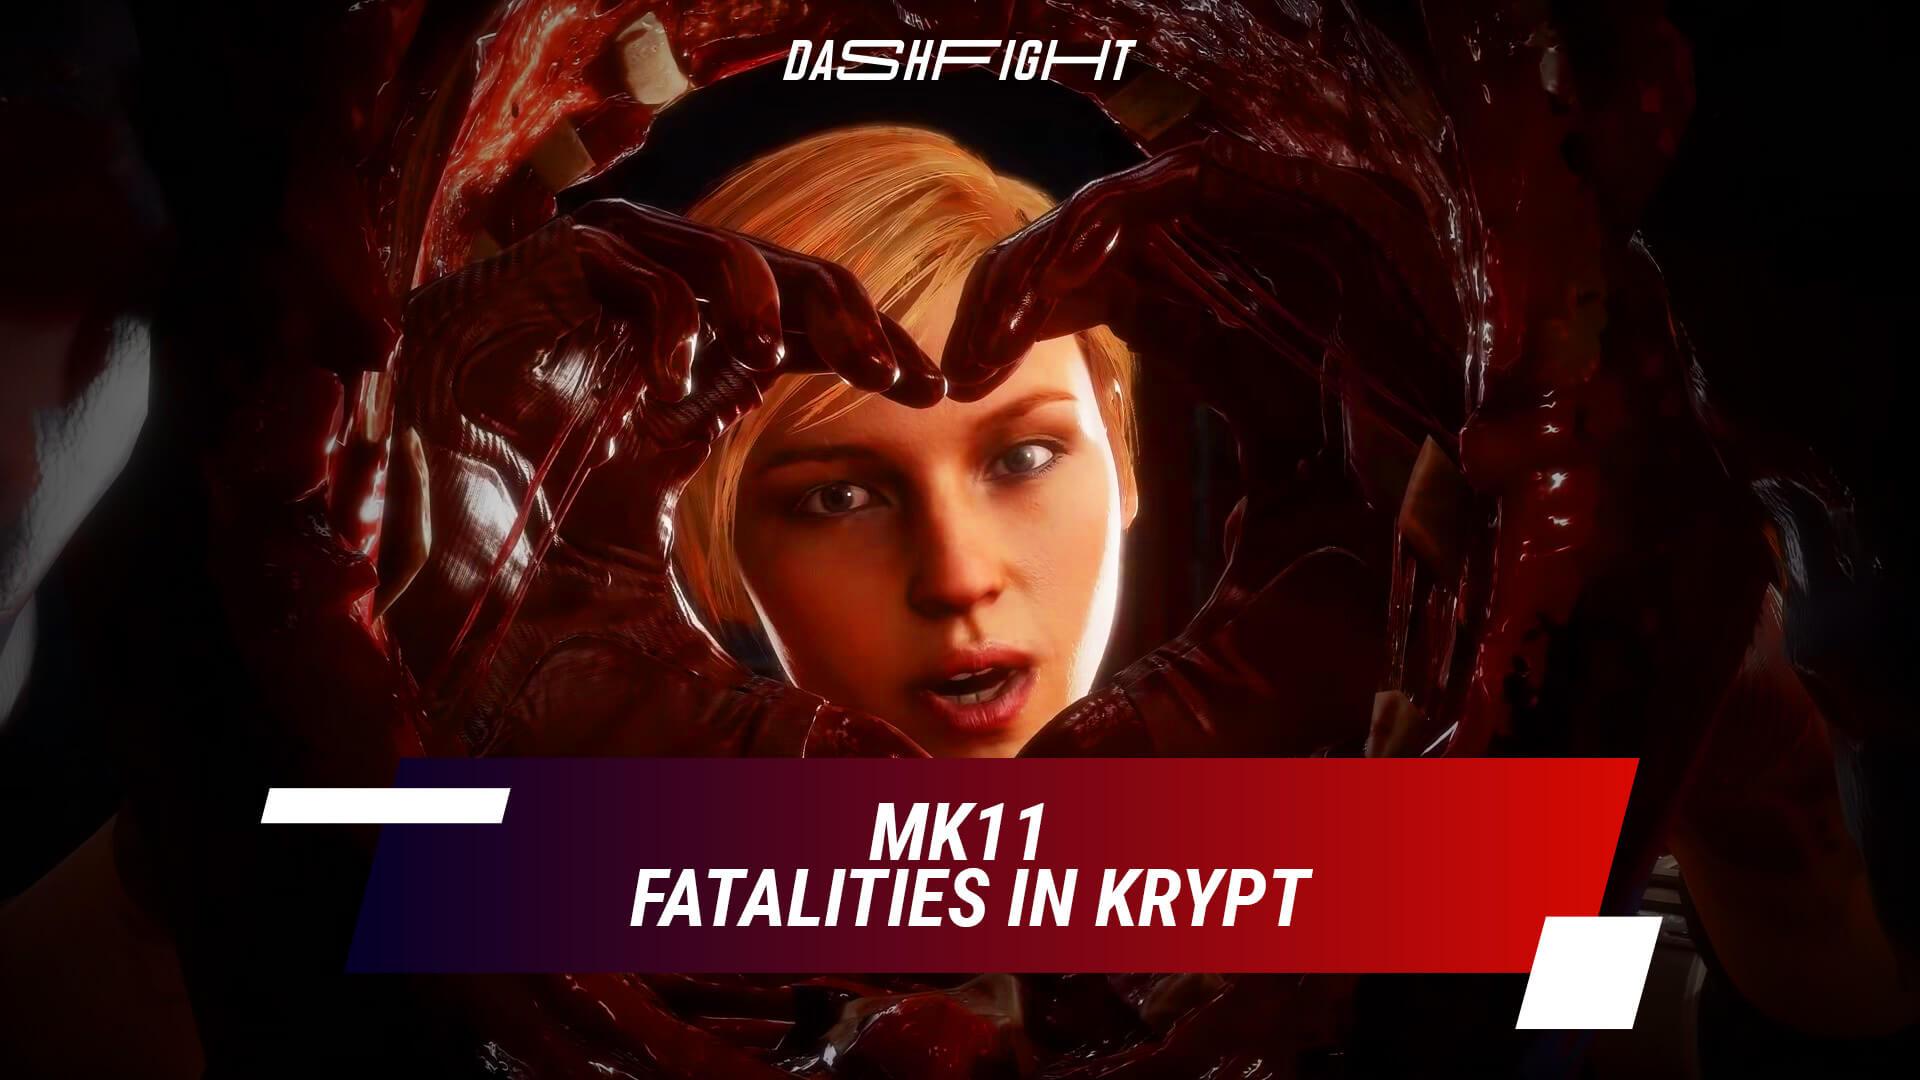 MK11 Krypt Fatalities